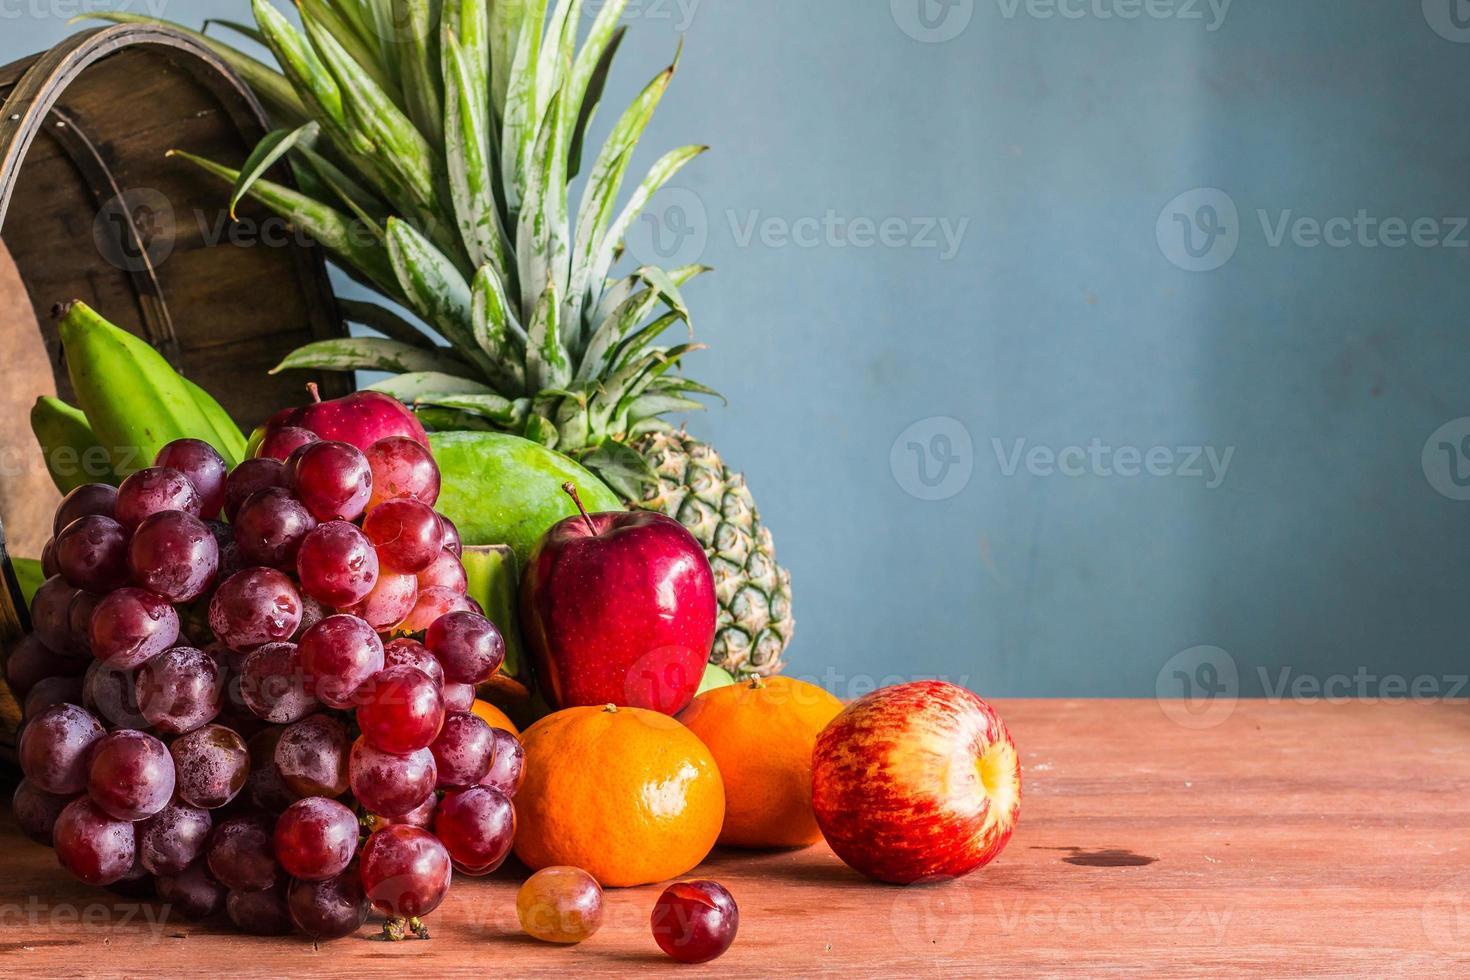 Merce nel carrello di frutti su un di legno foto